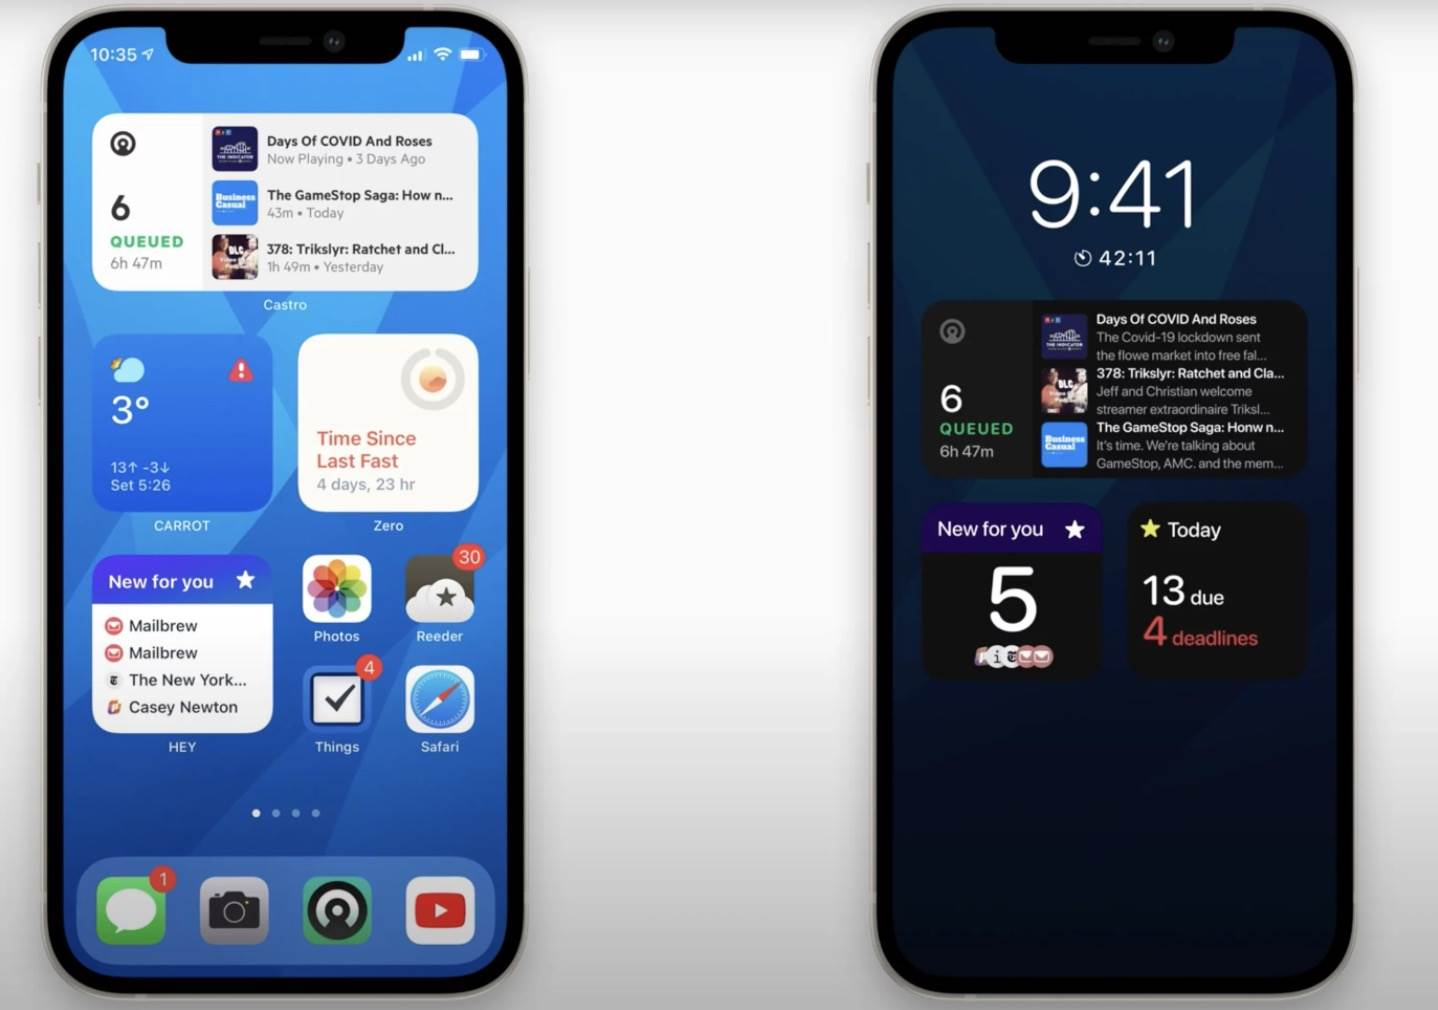 iPhone 12S z Always-On Display - czy tak będzie wyglądał najnowszy smartfon Apple? polecane, ciekawostki zawsze włączony ekran, Wideo, koncept, iPhone 13, iPhone 12s, Apple, Always on Display  W poniedziałek informowaliśmy, że iPhone 12s może mieć być wyposażony w funkcję Always-On Display. Zaledwie kilka dni po tej informacji w sieci pojawił się pierwszy koncept pokazujący jak może to wyglądać. A 4